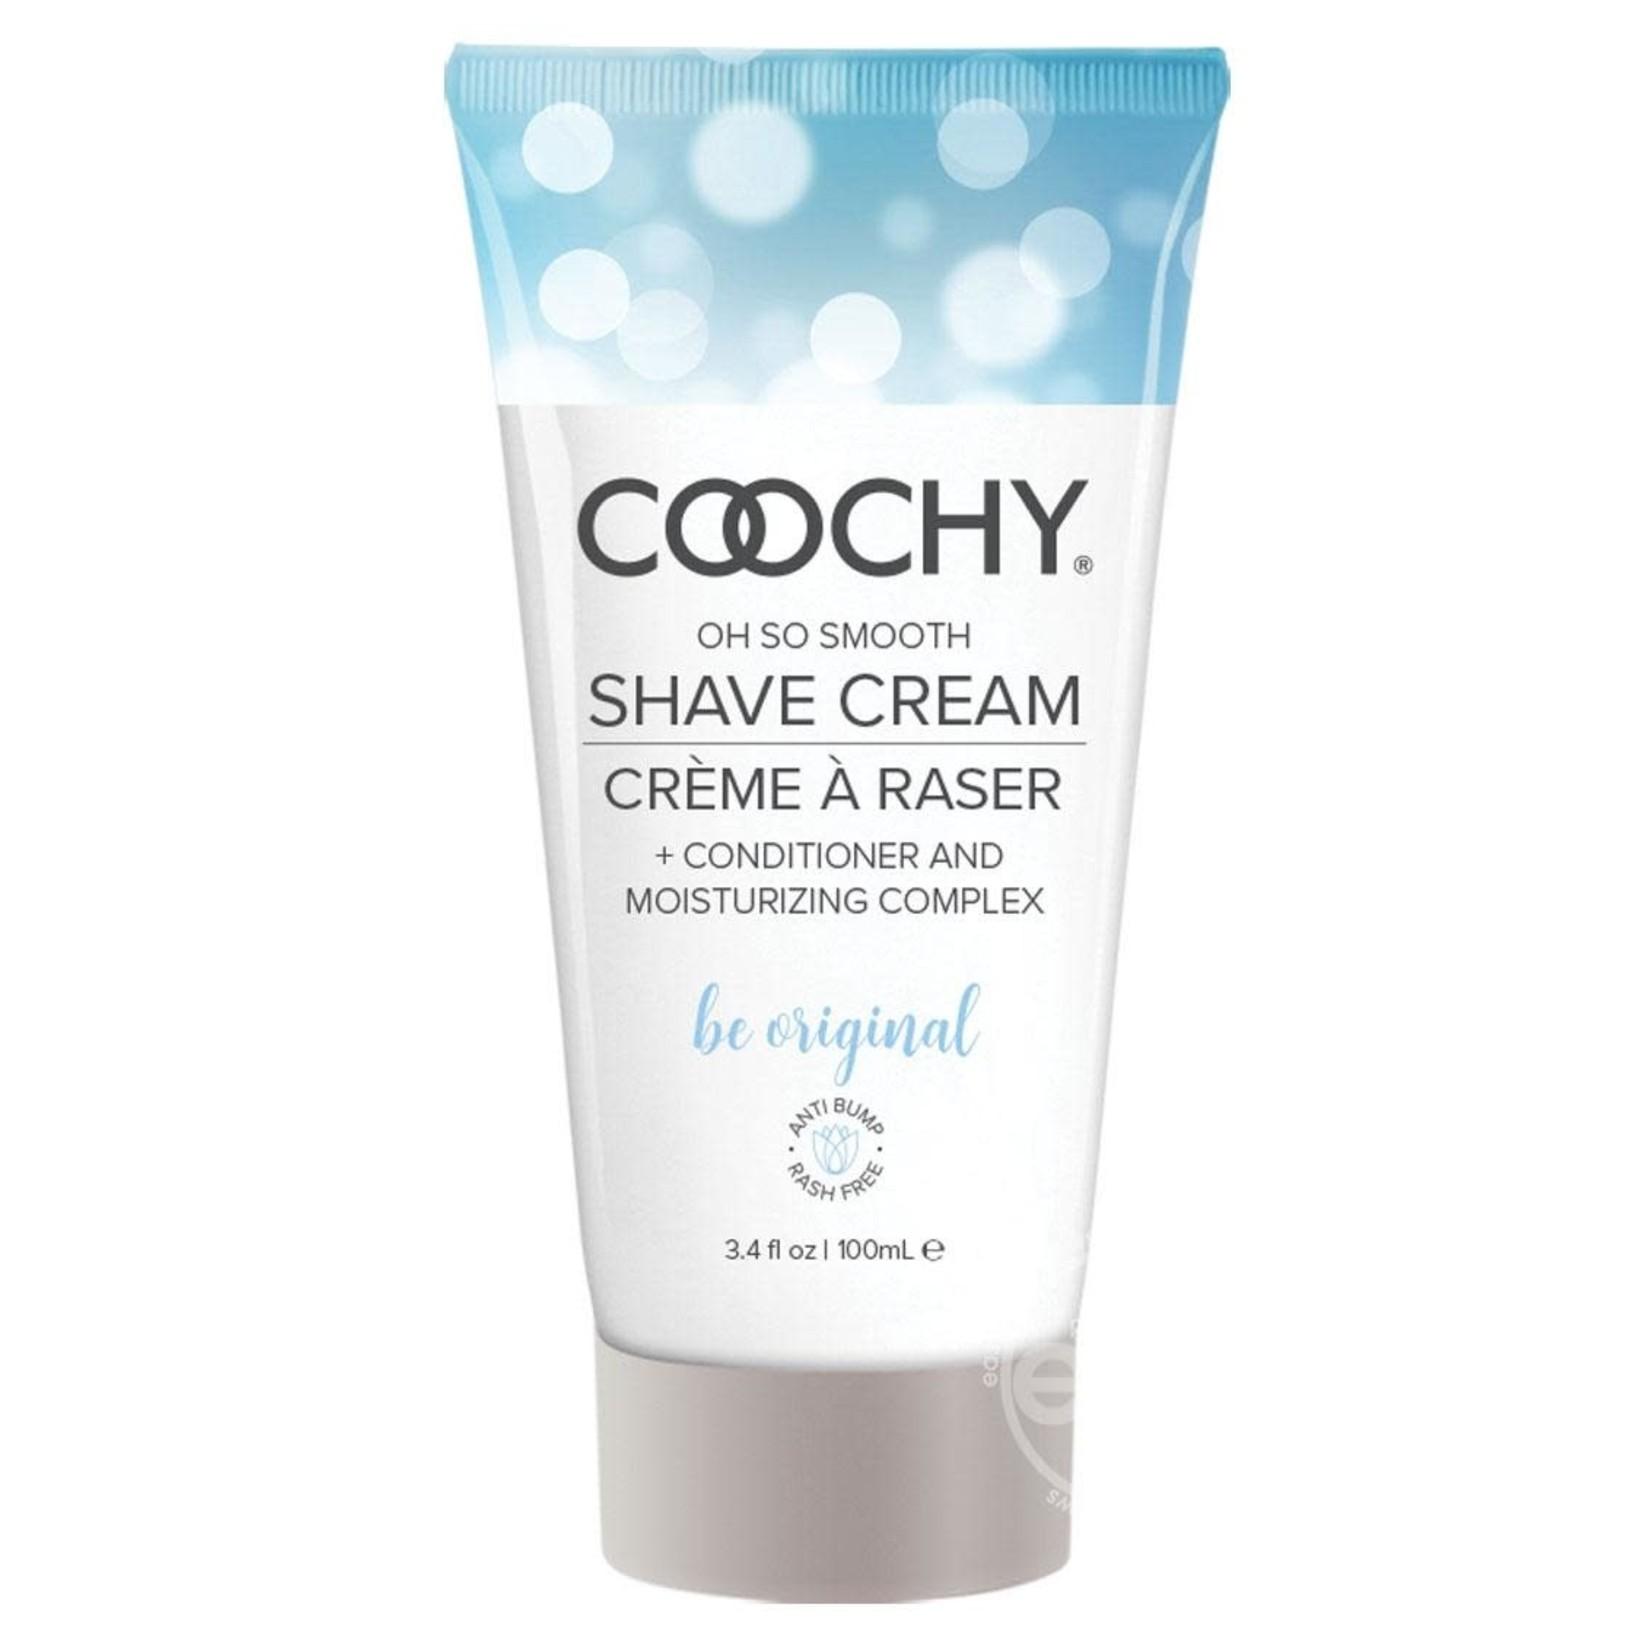 Coochy Shave Cream Be Original 3.4oz